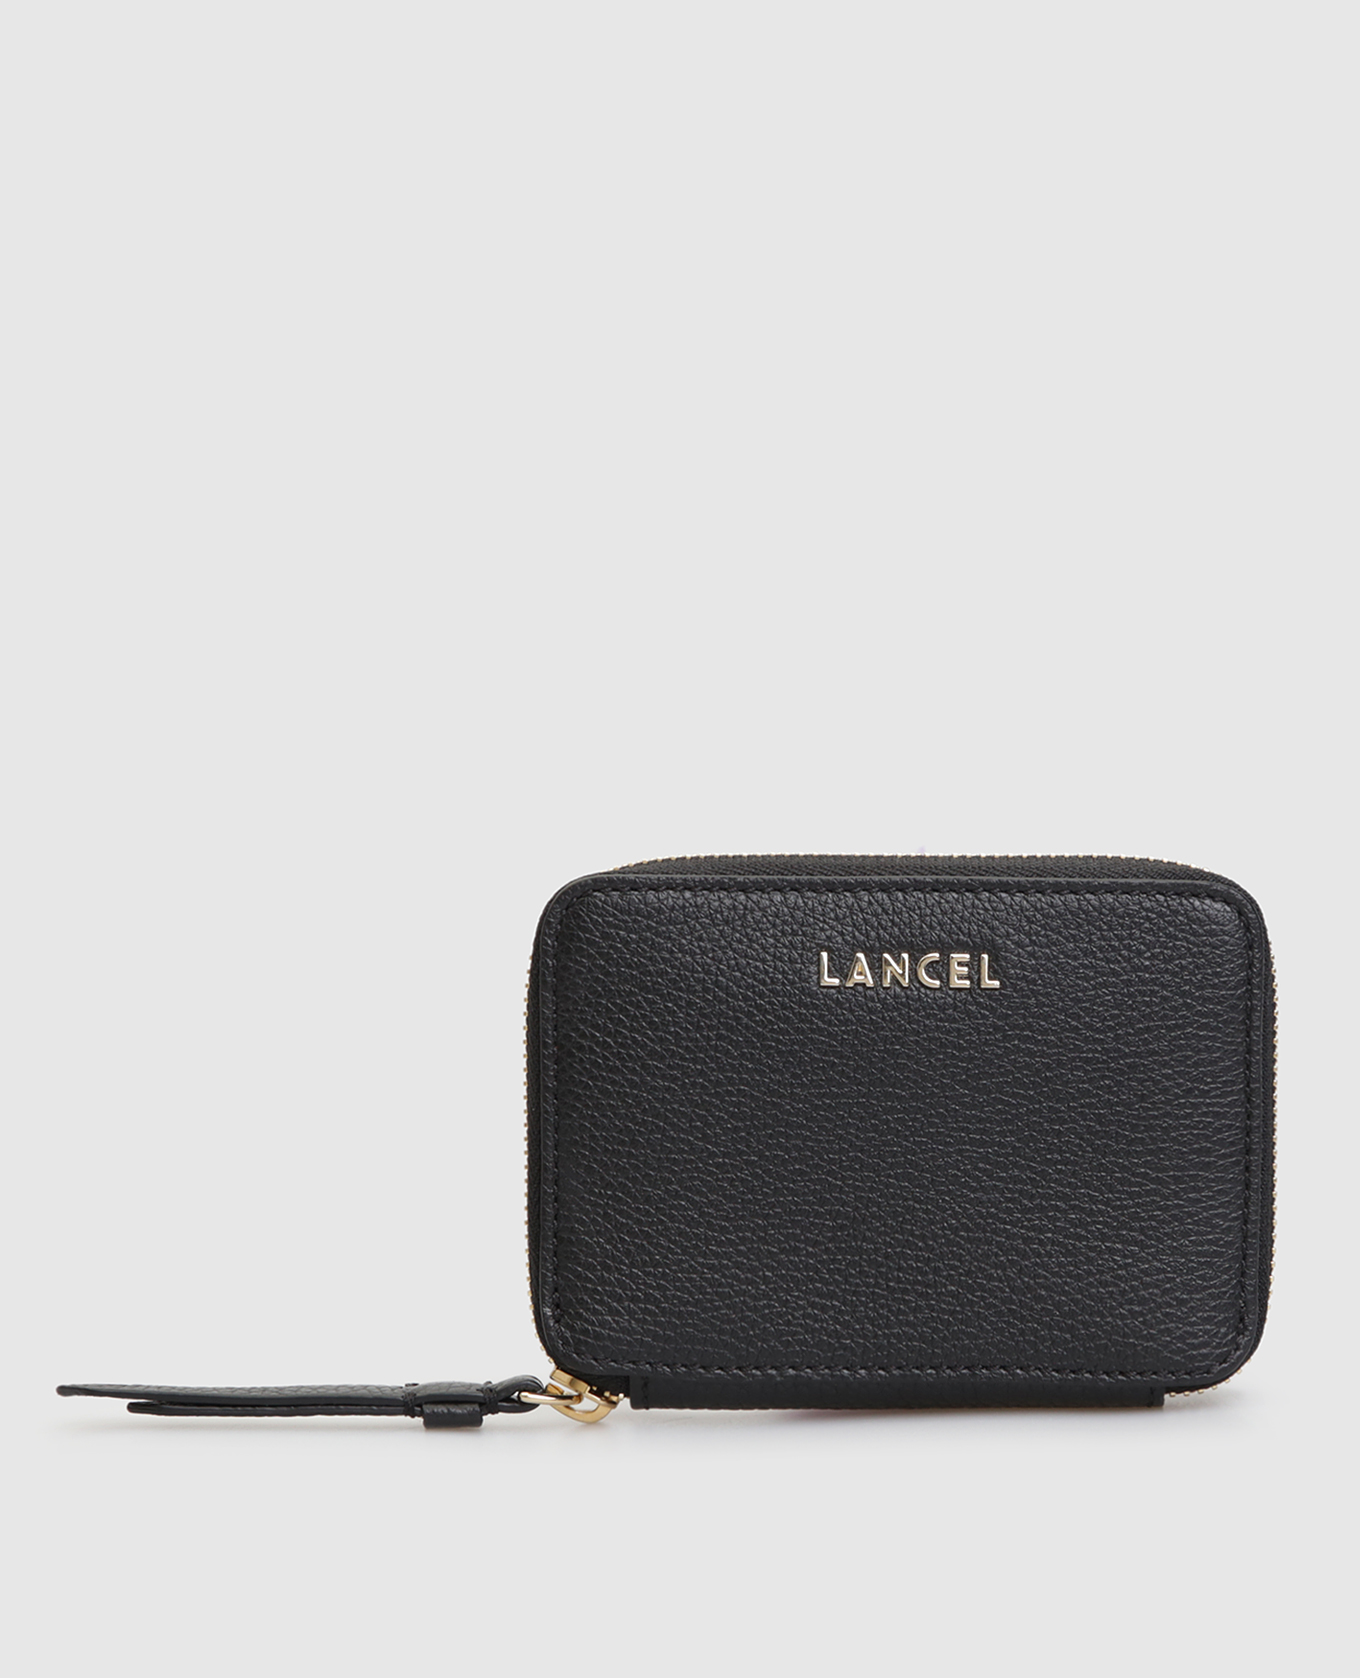 Черный кожаный кошелек Lettrines de Lancel